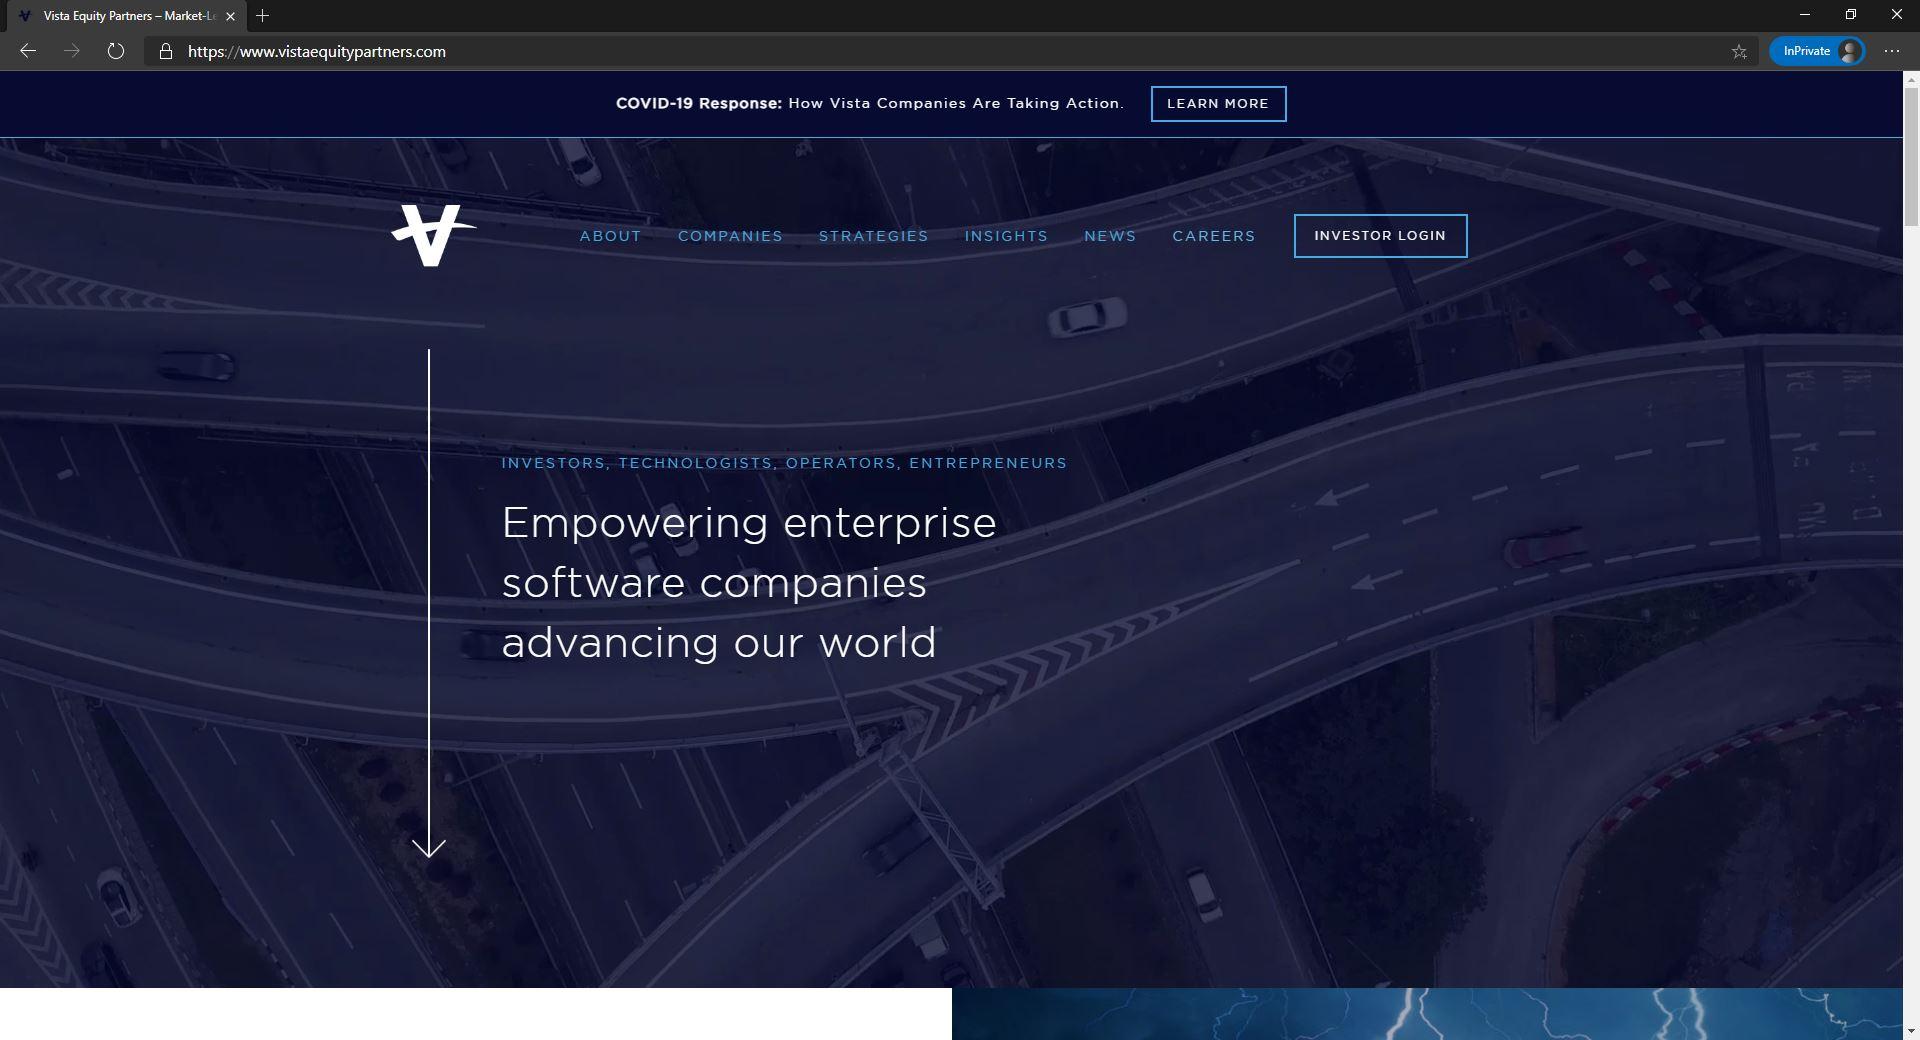 Vista Equity Partners website